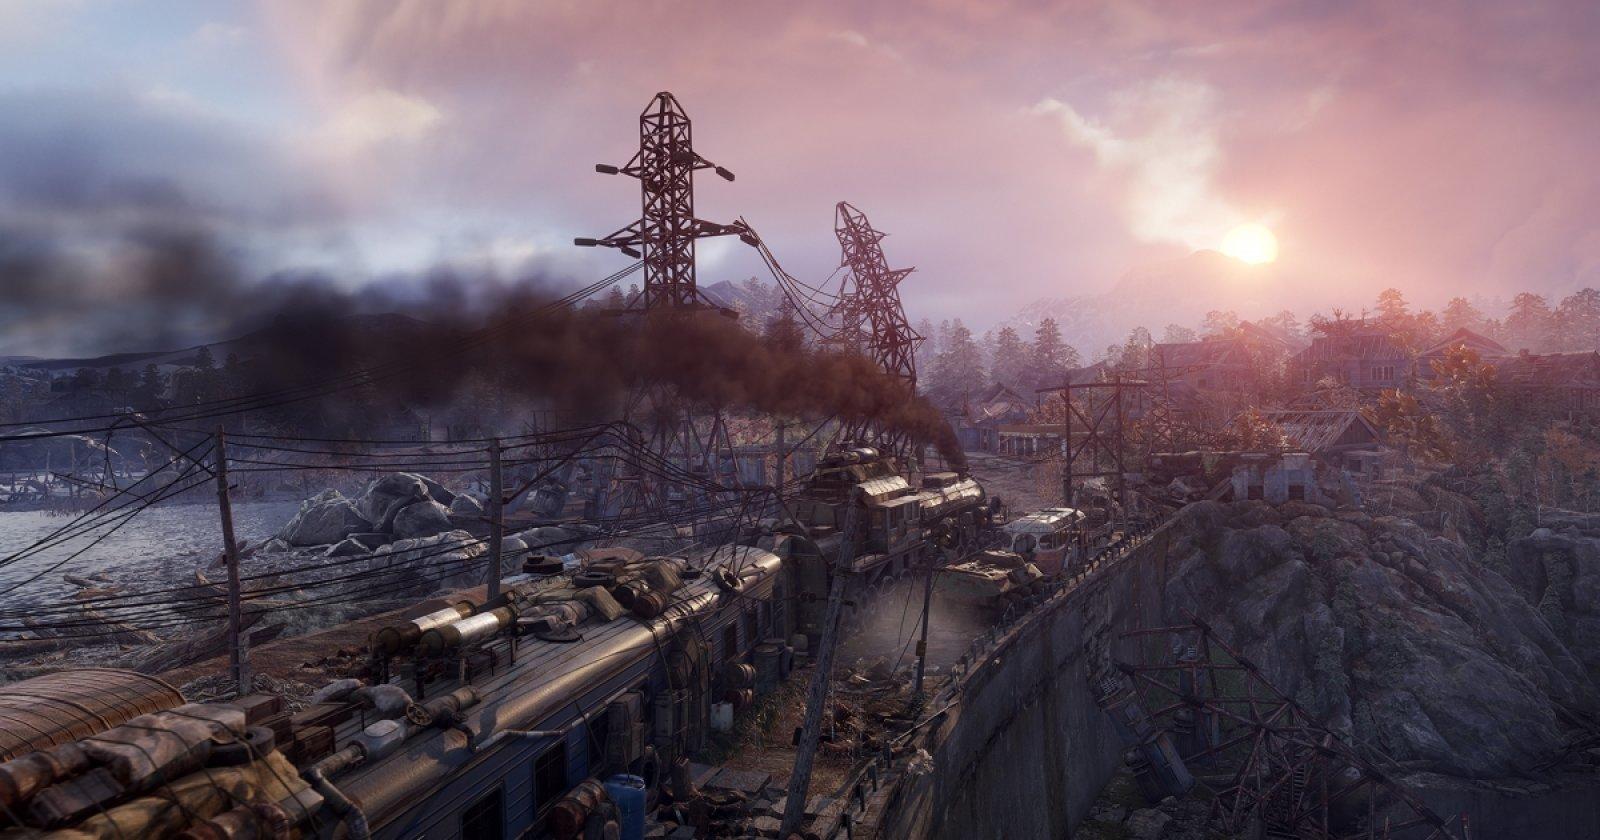 Игра Metro Exodus для ПК станет эксклюзивом для Epic Games Store сроком на год, в Steam проект появится только в 2020 году - ITC.ua